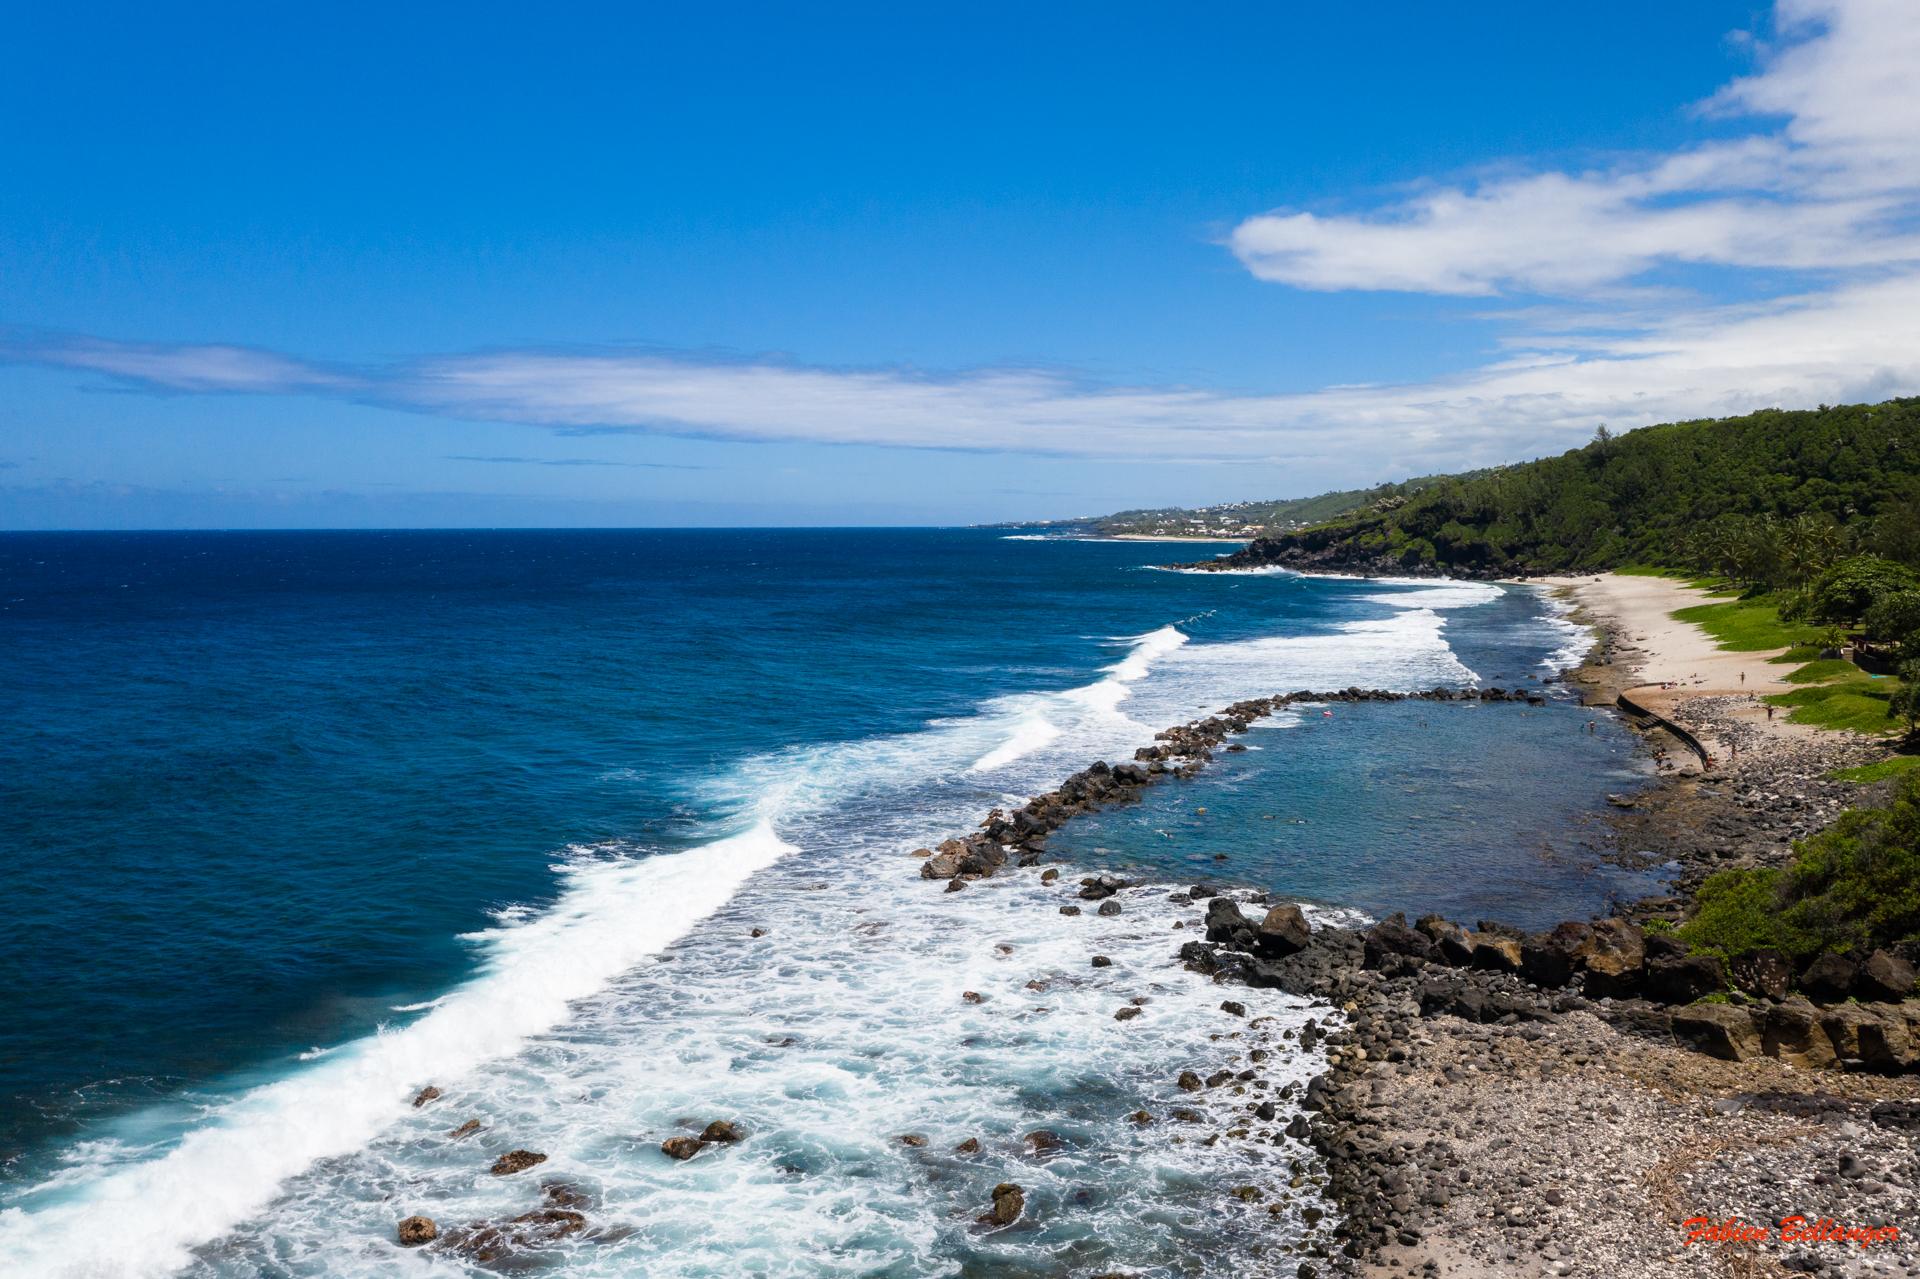 Plage de Grand Anse, Reunion